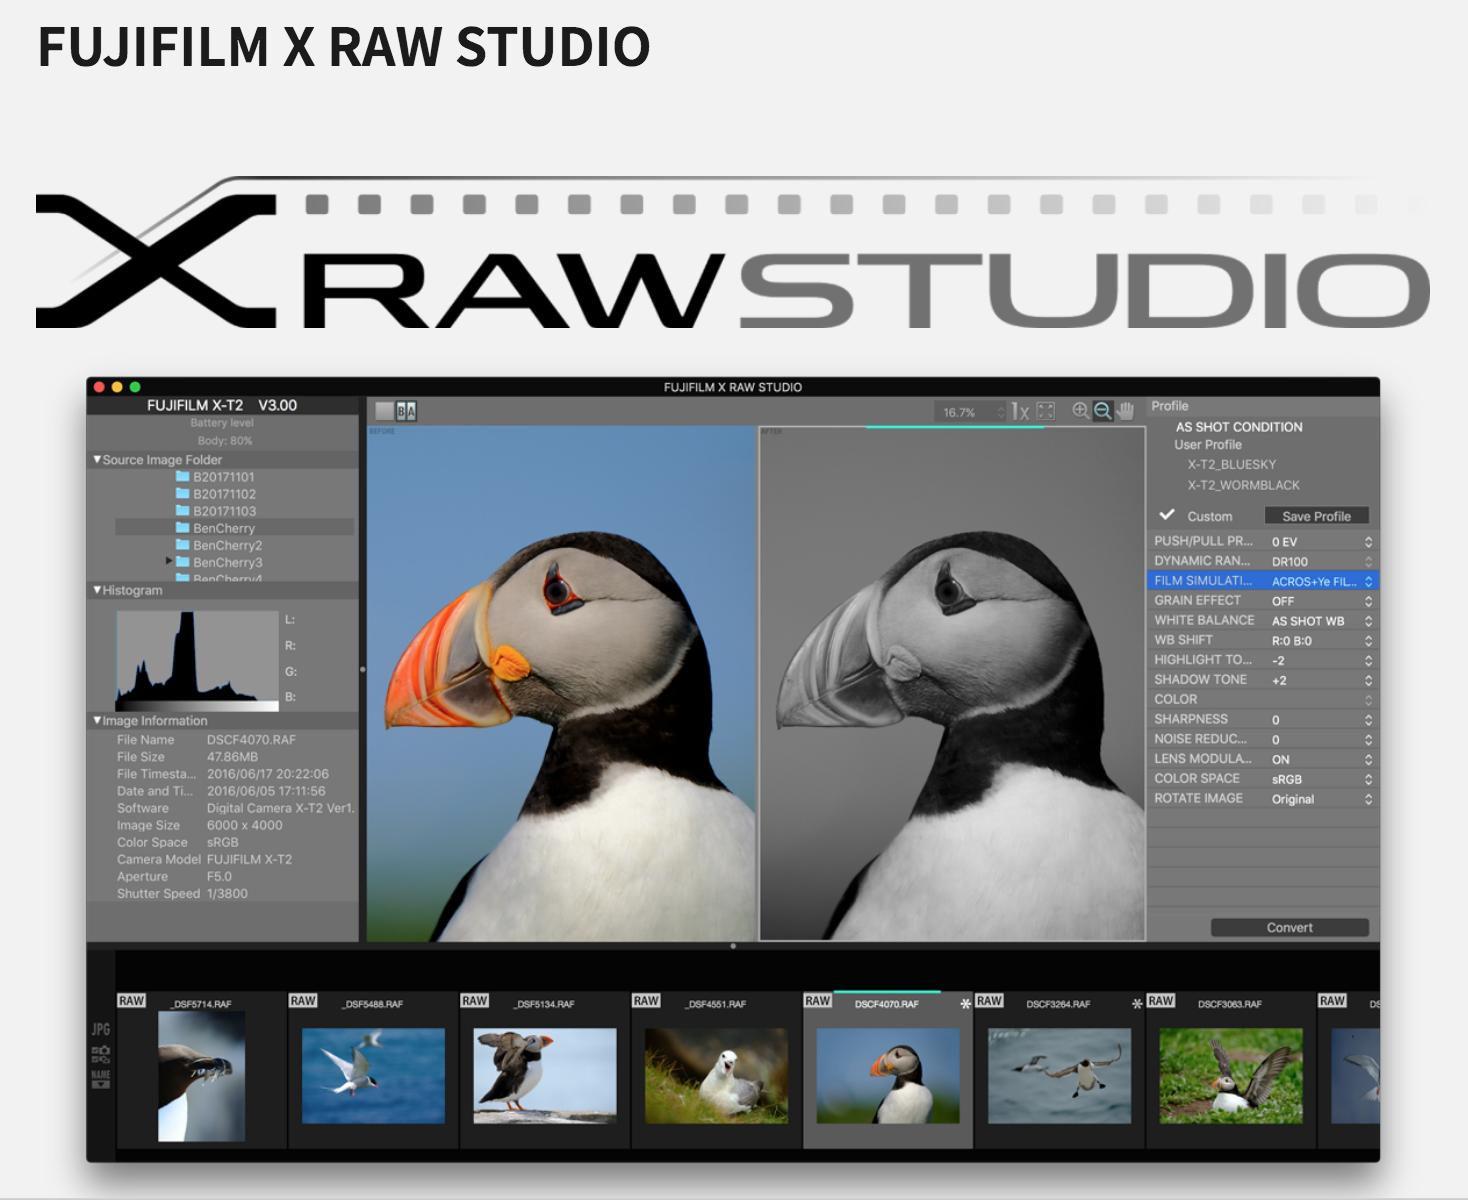 Digital Media: First impressions of Fujifilm's Fujifilm X RAW Studio